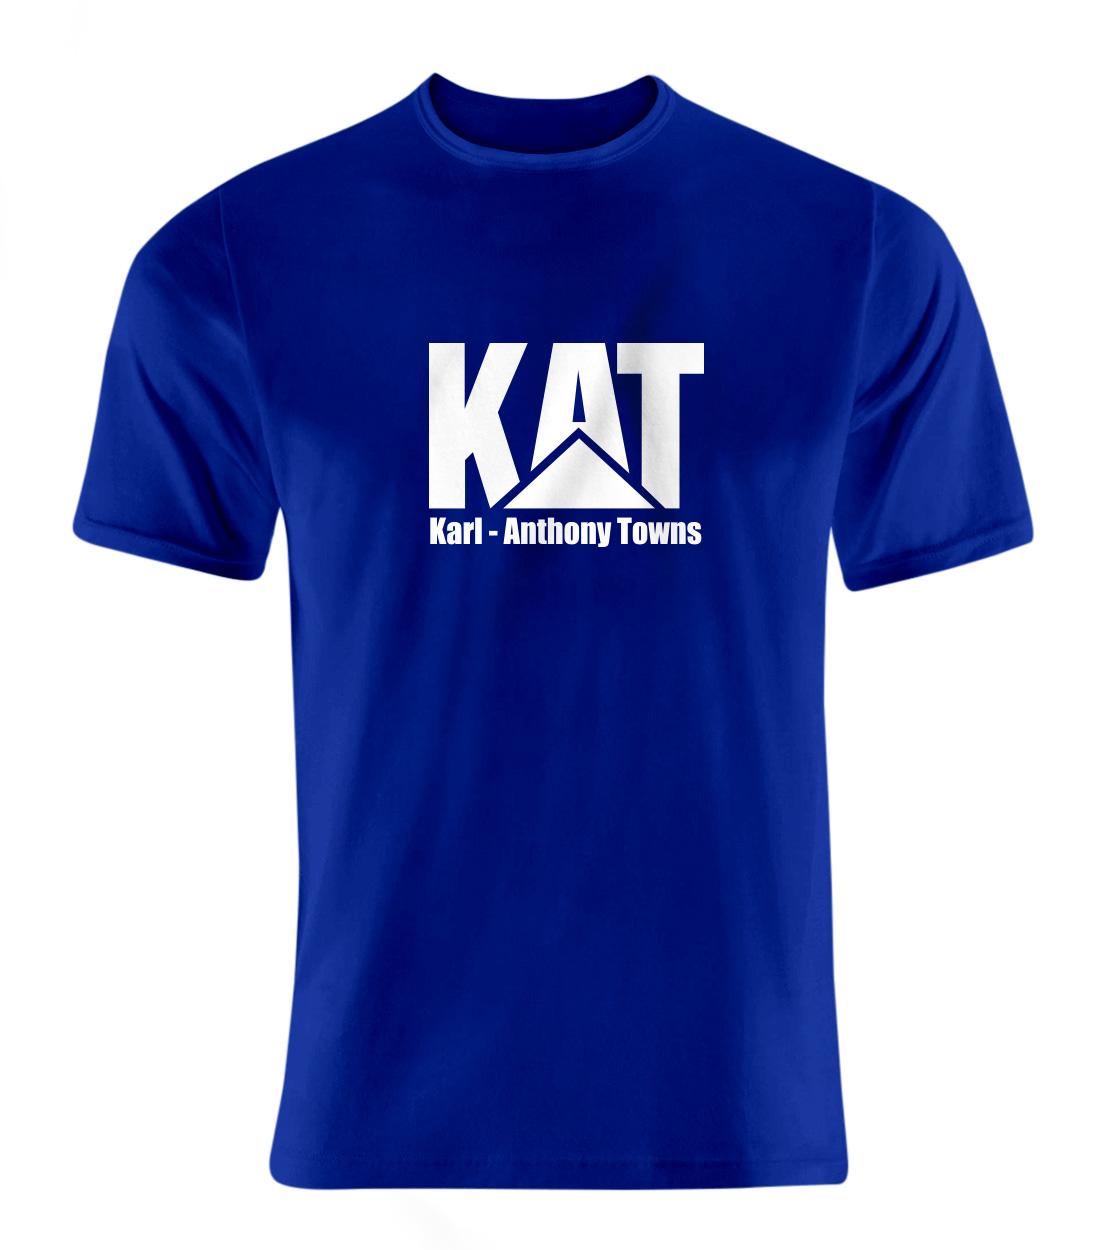 Karl Anthony Towns Tshirt (TSH-BLU-PLT-kat-logo-616)